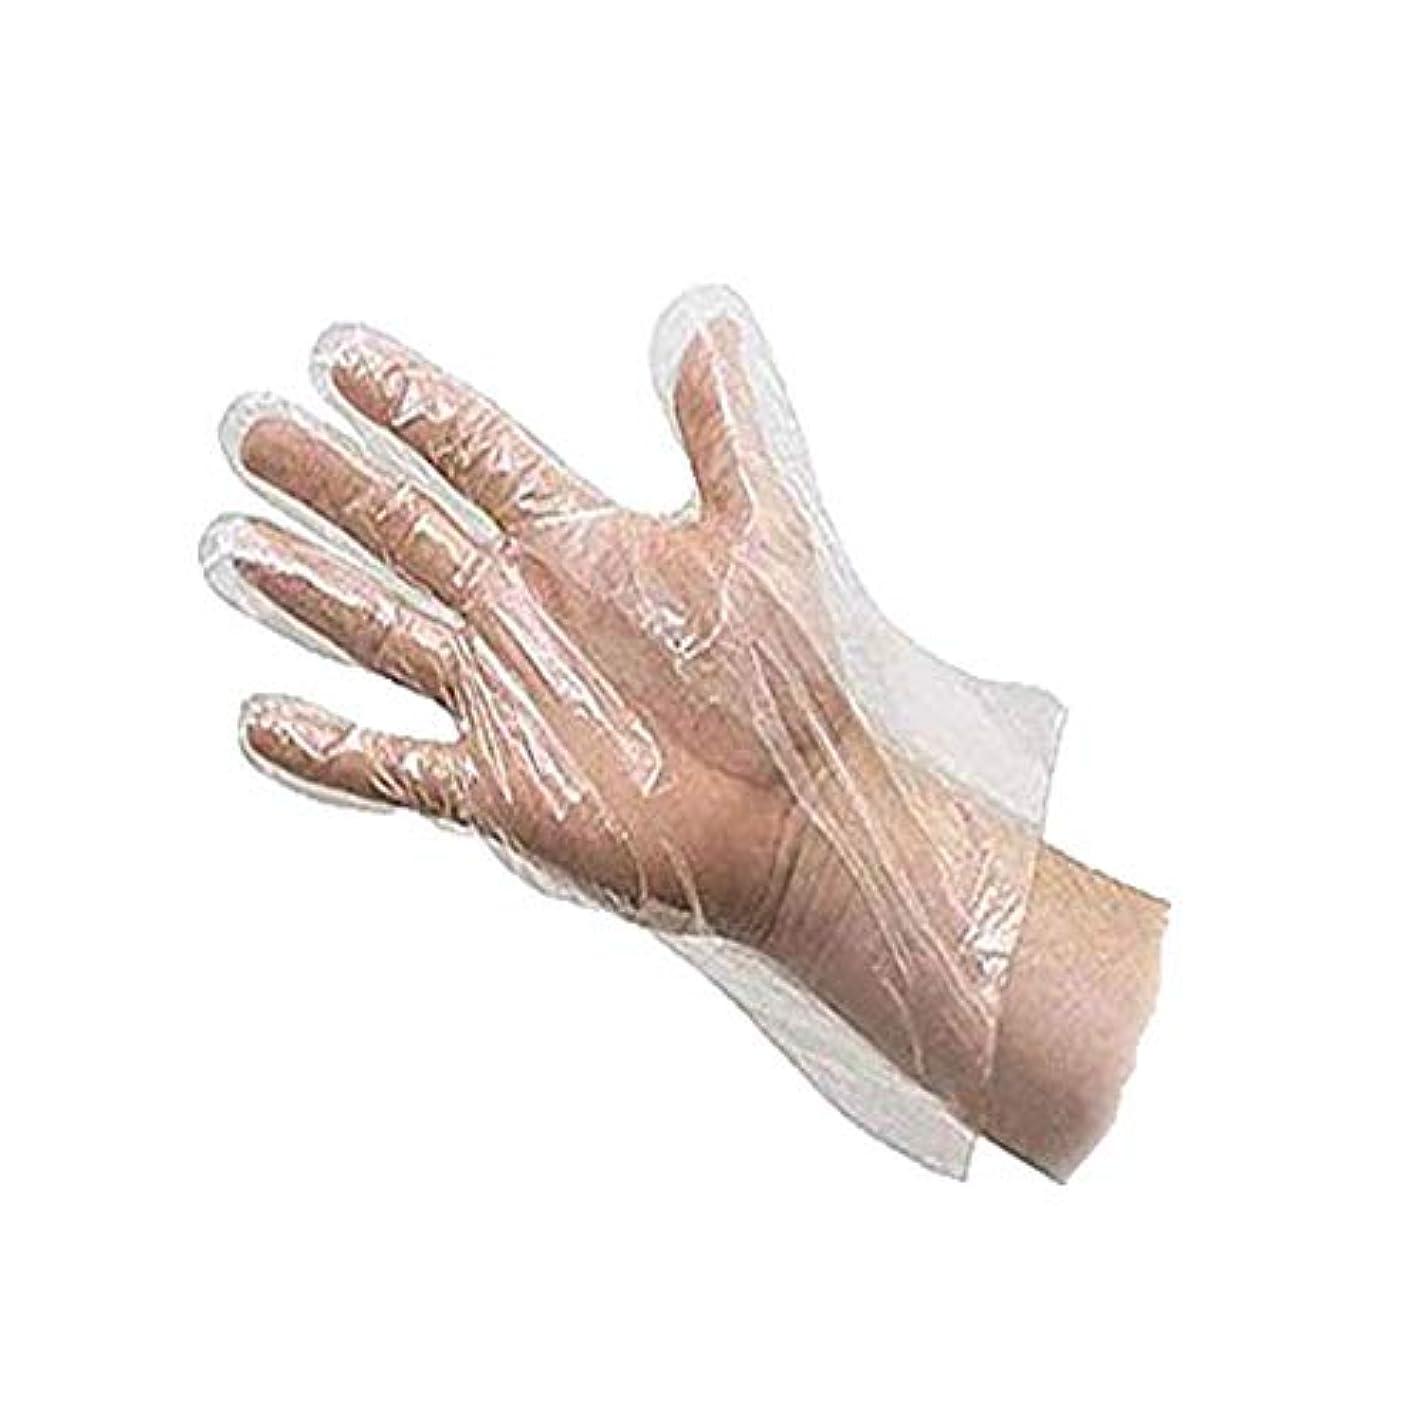 検索エンジンマーケティング繰り返した歩行者UCCU プレミアム 使い捨て手袋 調理用 食品 プラスチック ホワイト 粉なし 食品衛生 透明 左右兼用 薄型 ビニール極薄手袋 100枚入り 便利